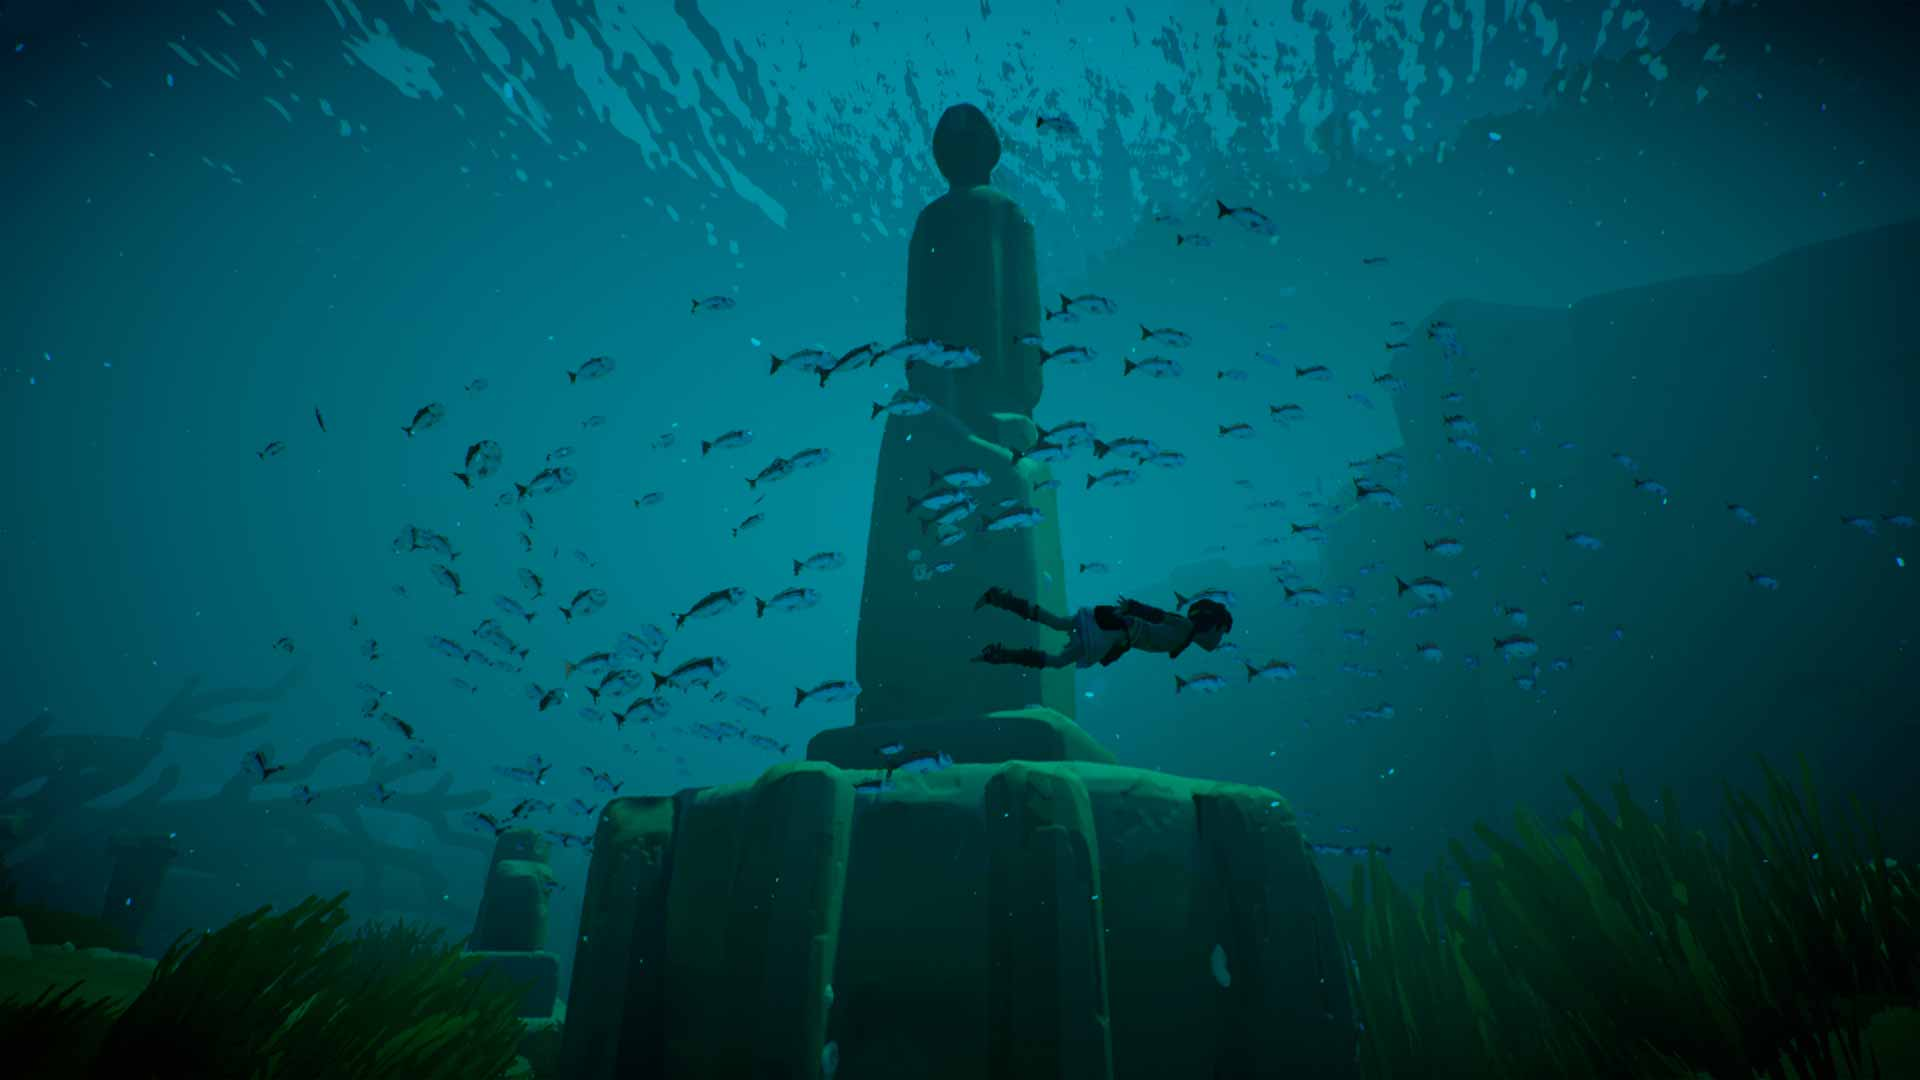 Nadar Rime